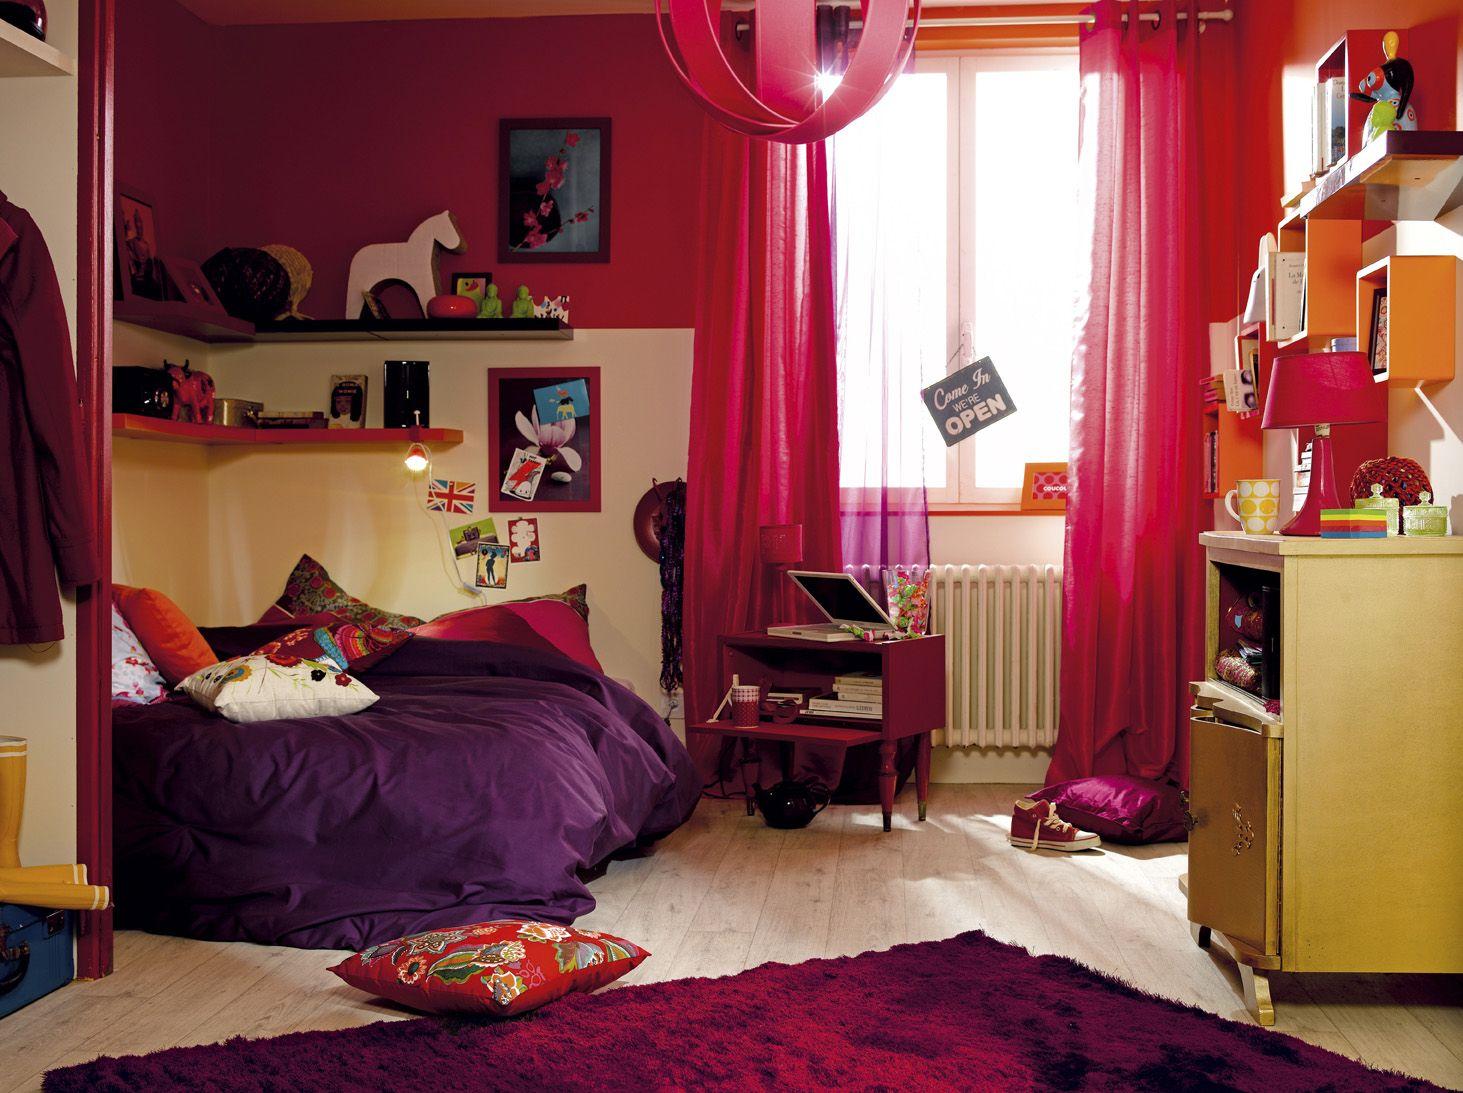 une chambre d 39 ado avec des teintes qui donnent vie la pi ce du rose du violet du jaune. Black Bedroom Furniture Sets. Home Design Ideas